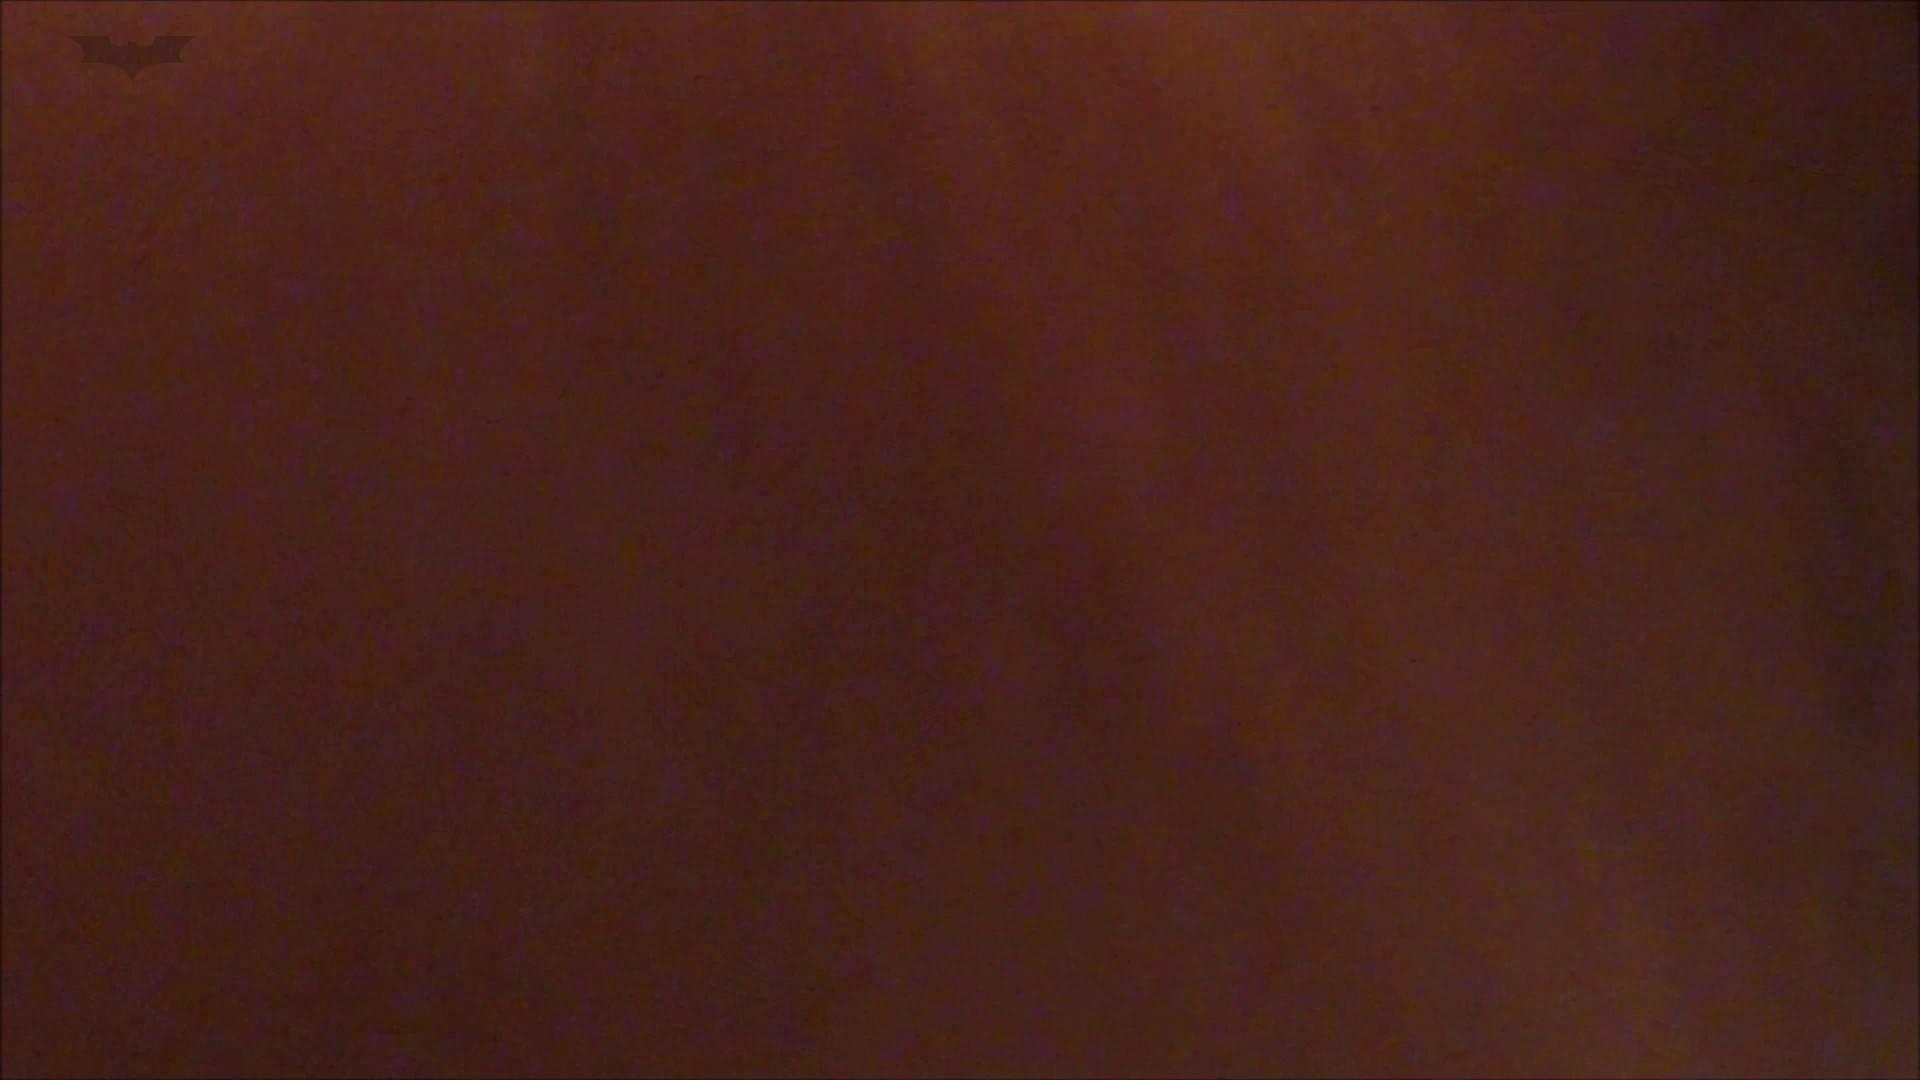 内緒でデリヘル盗撮 Vol.03中編 美肌、美人のデリ嬢にいよいよ挿入! 盗撮編 ワレメ無修正動画無料 95枚 59